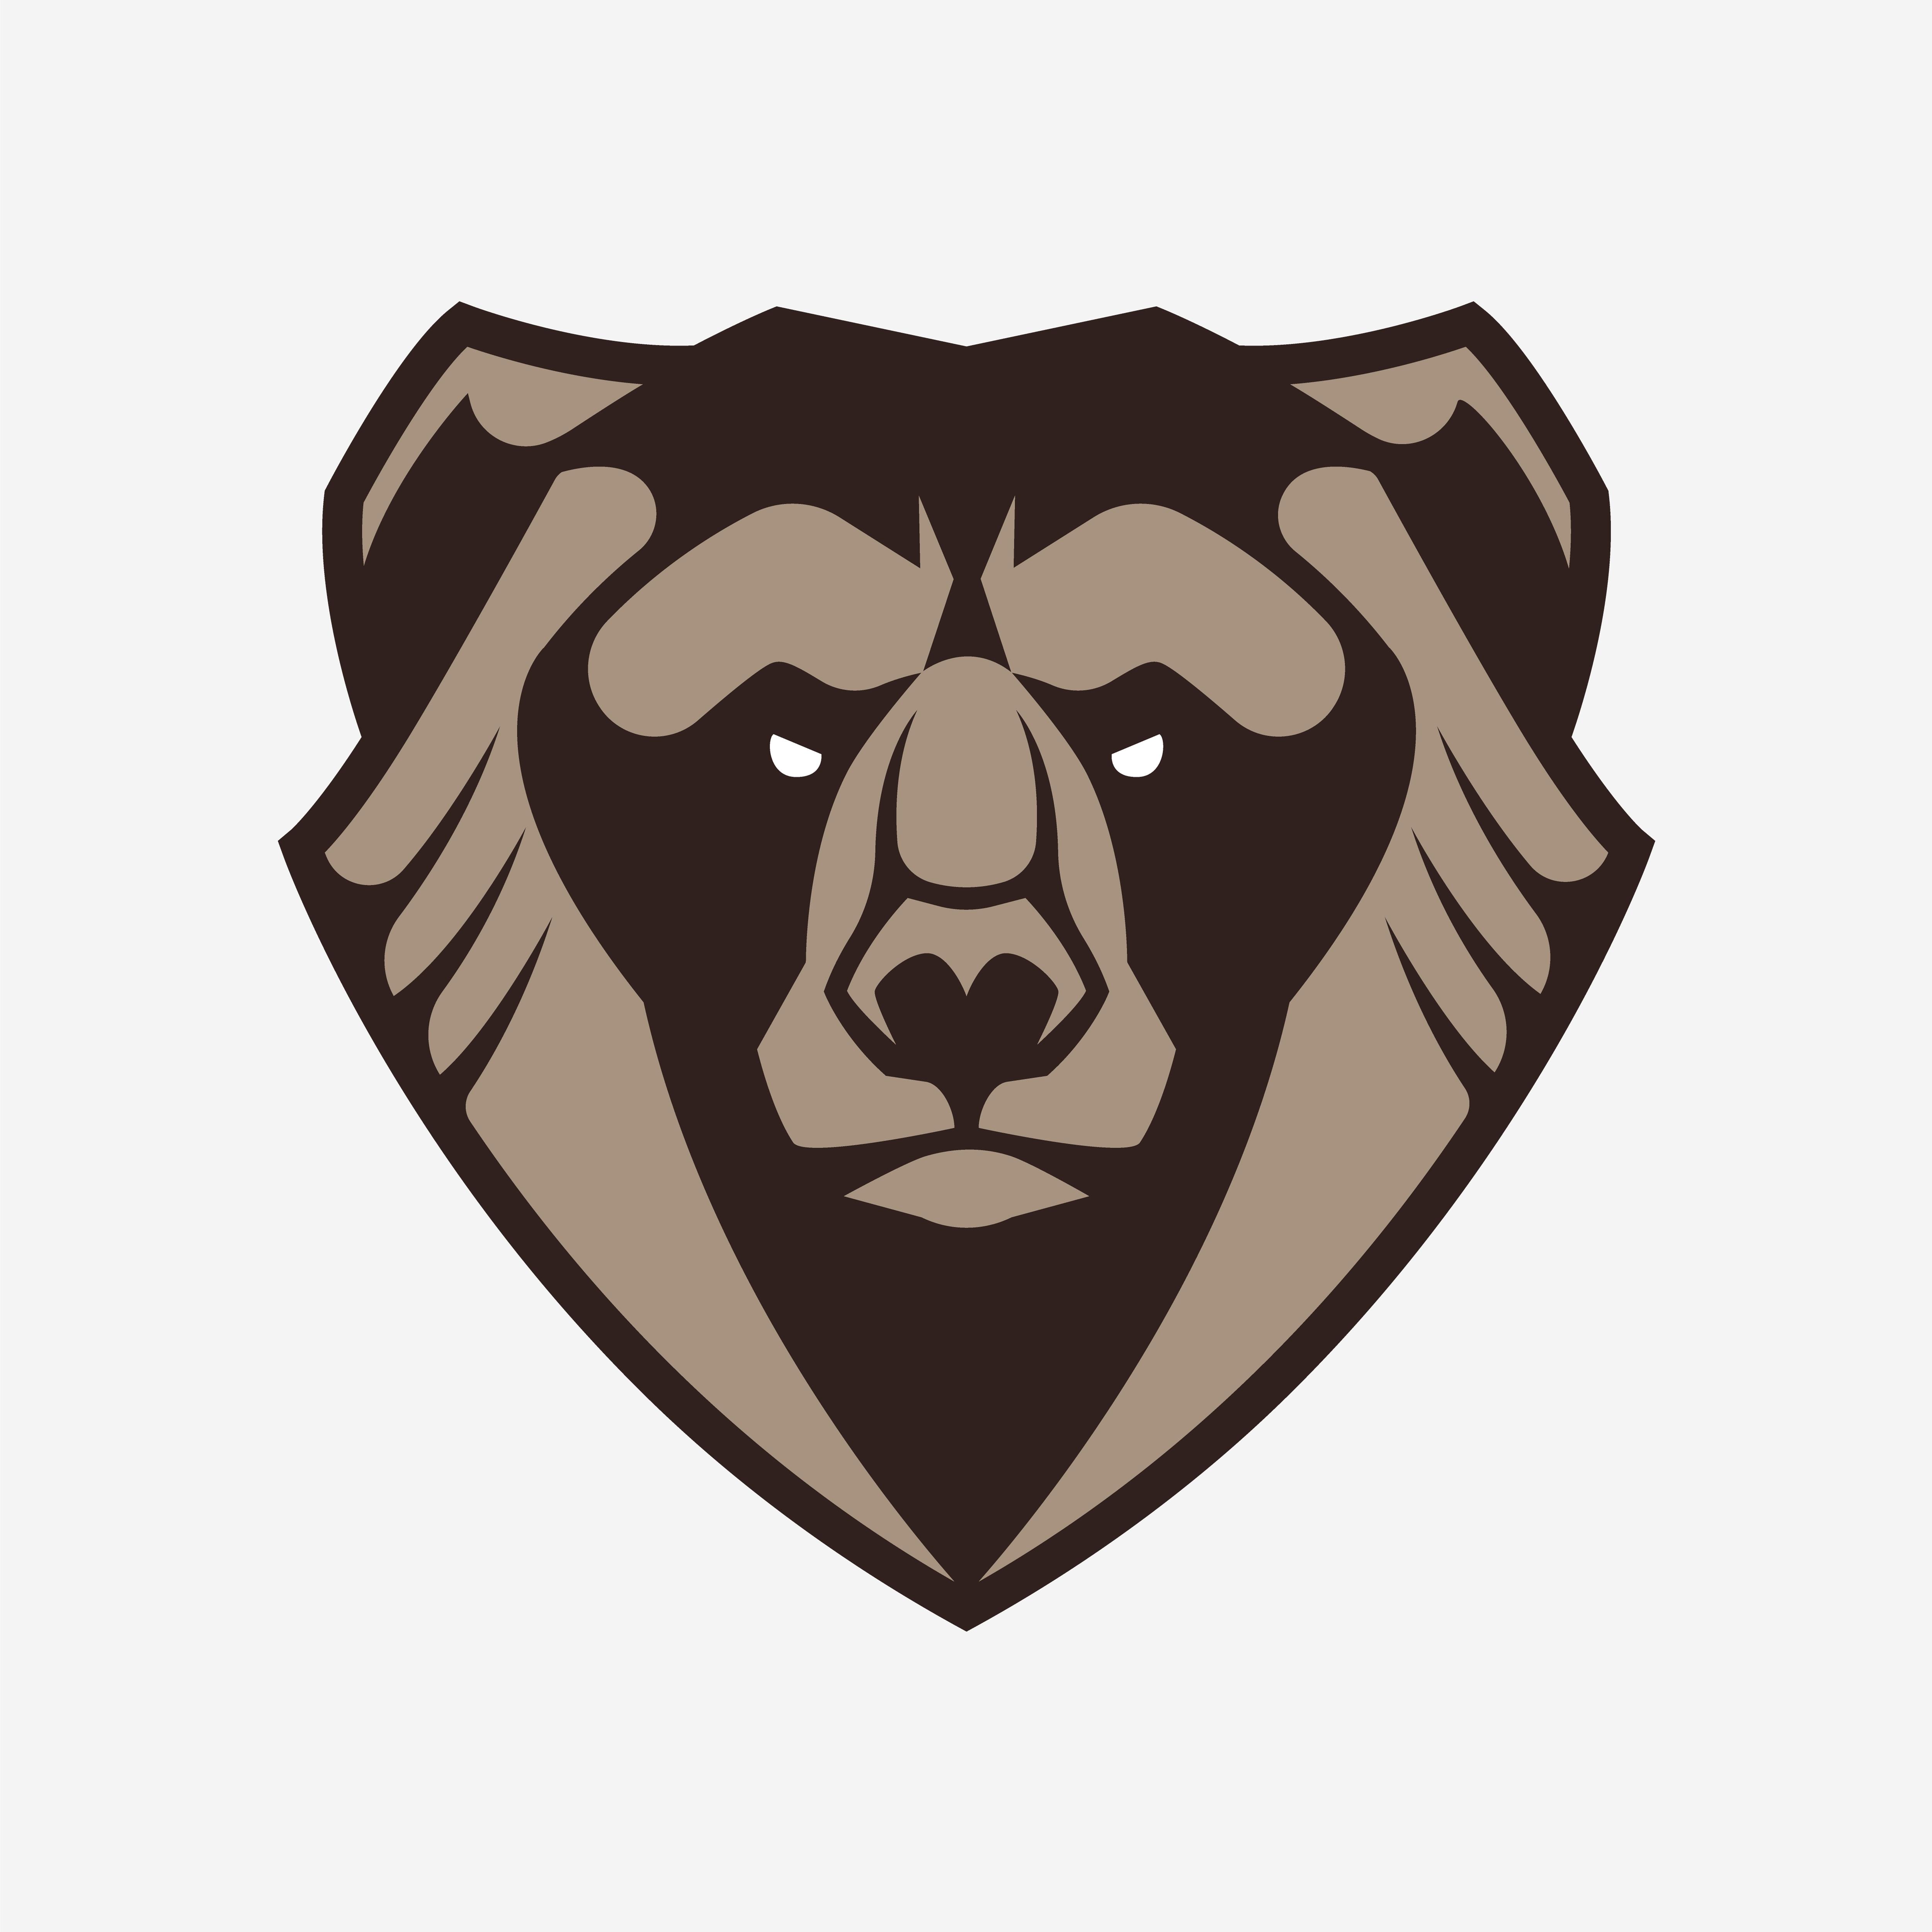 bear mascot vector icon download free vectors clipart graphics vector art bear mascot vector icon download free vectors clipart graphics vector art